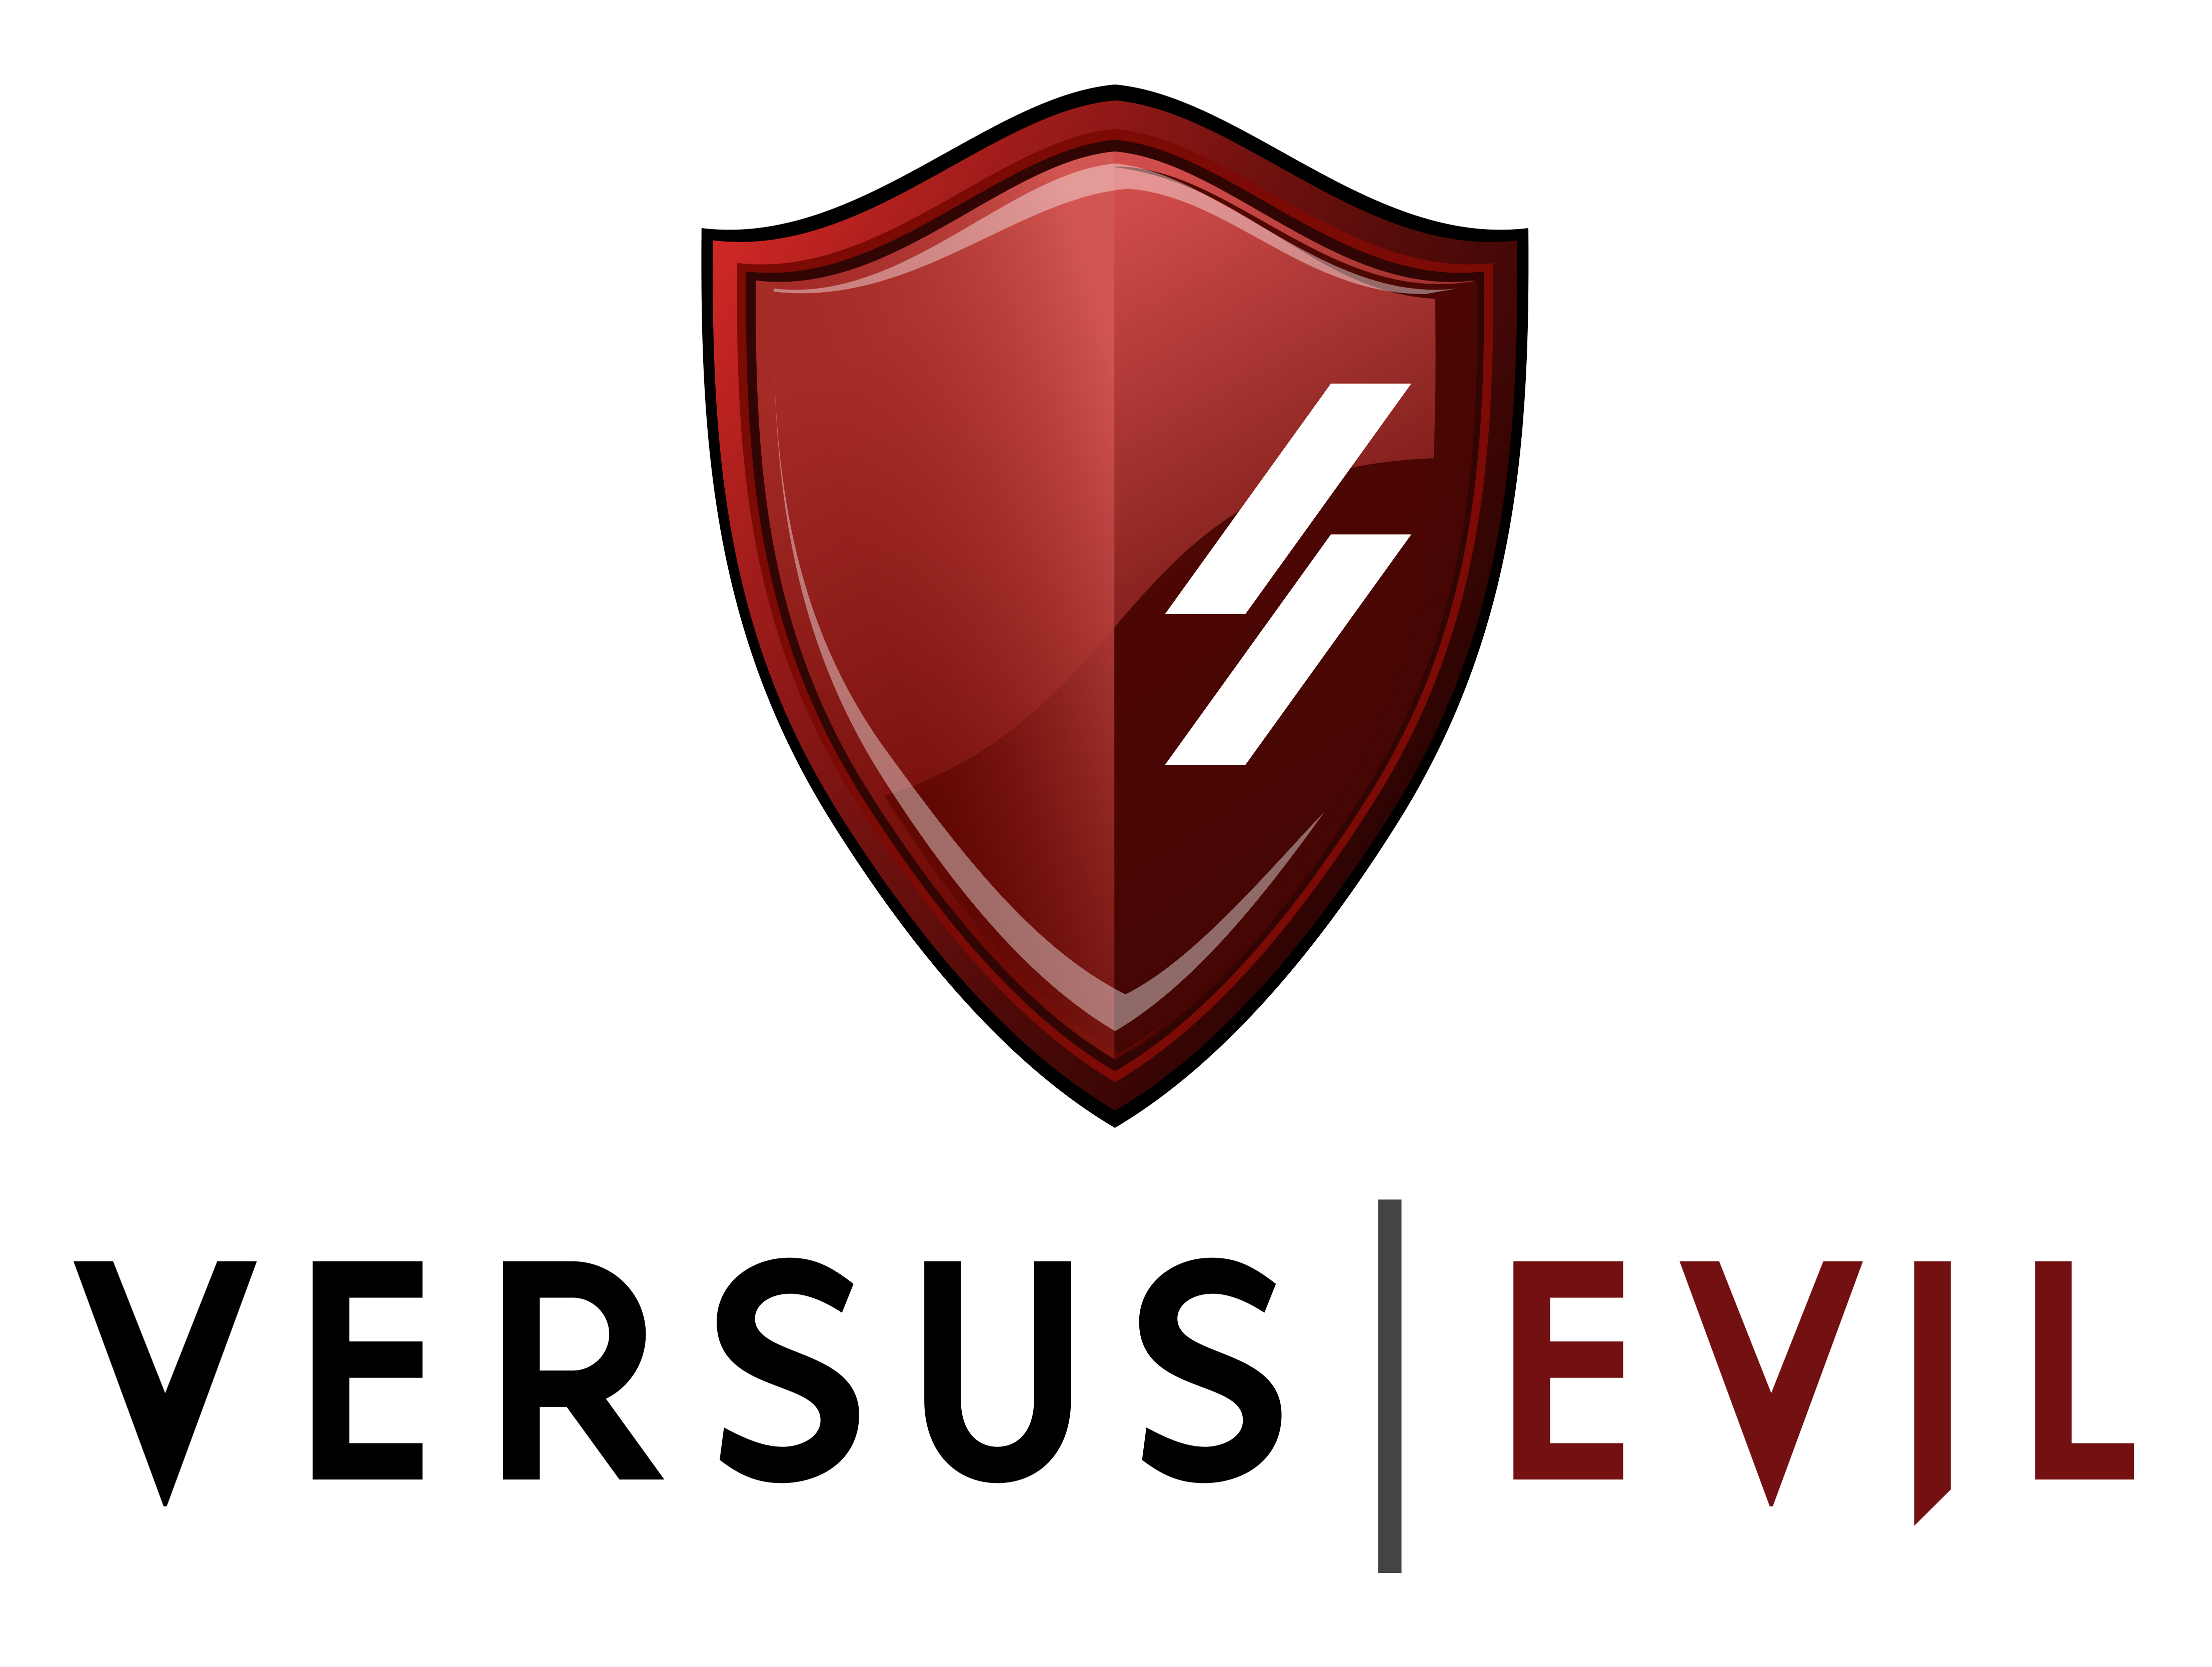 Versus-Evil